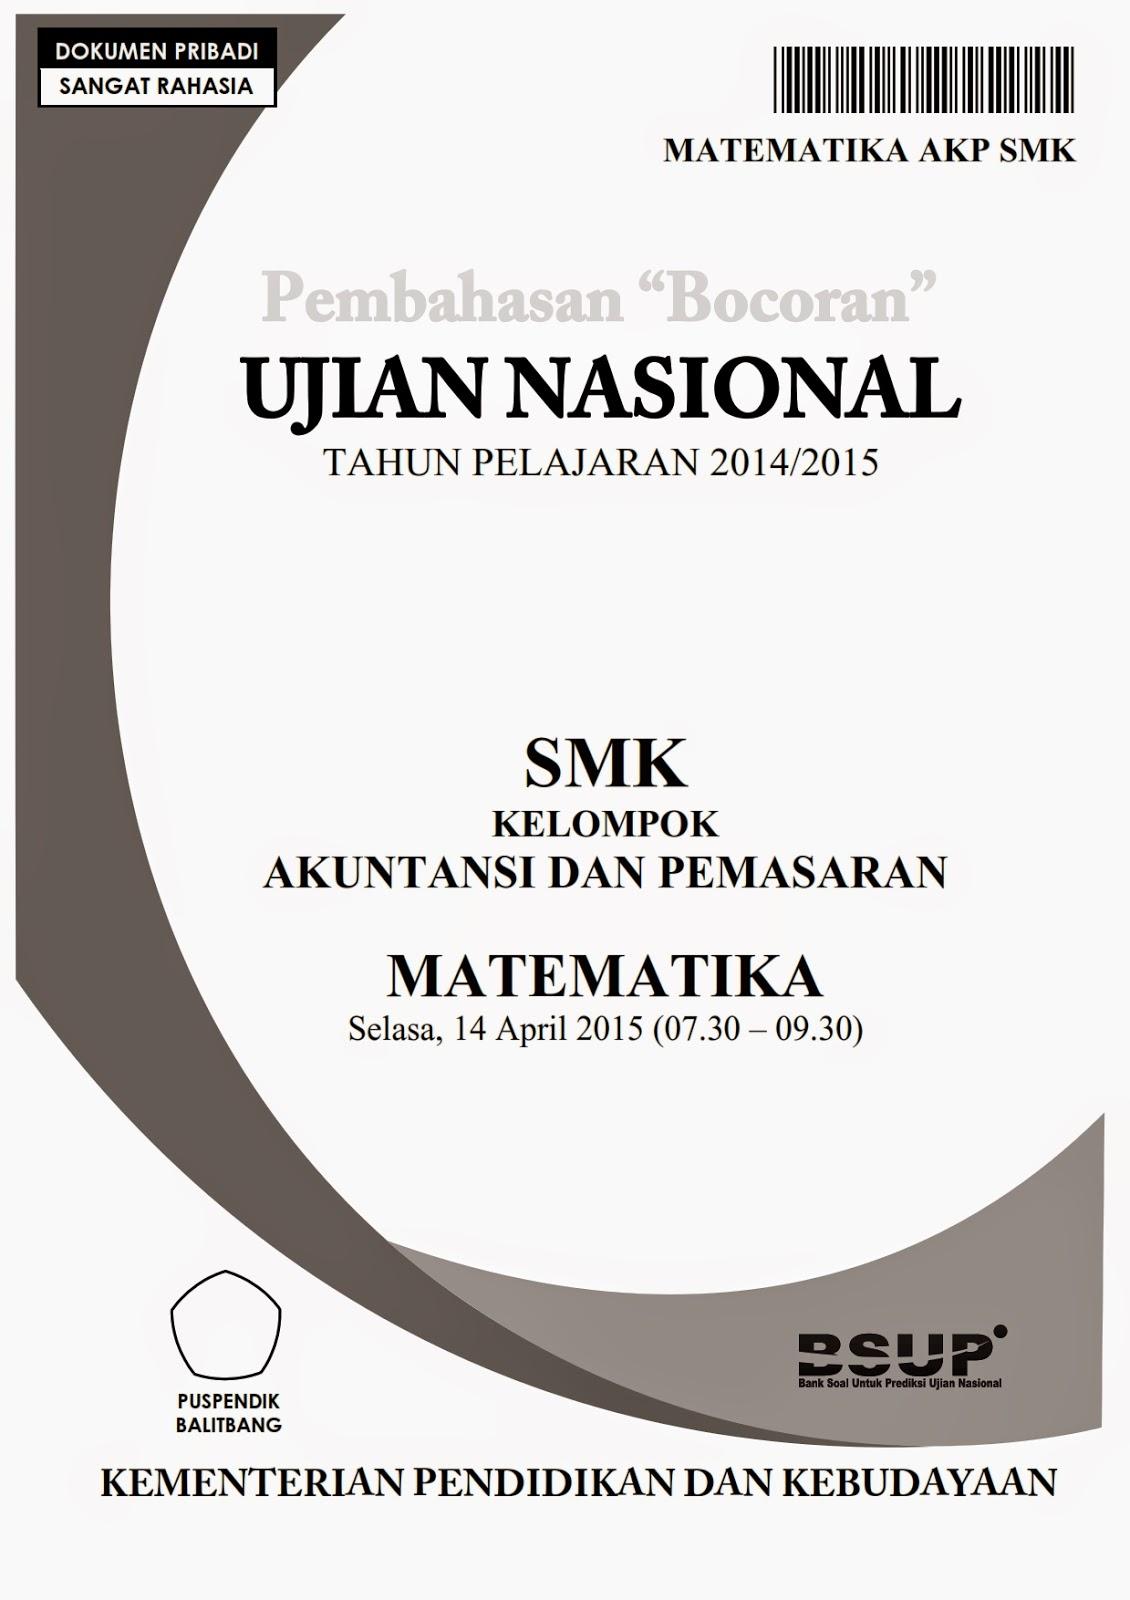 Pembahasan Soal Un Matematika Akp Smk 2015 Prestasi Rumus Matematika Lengkap